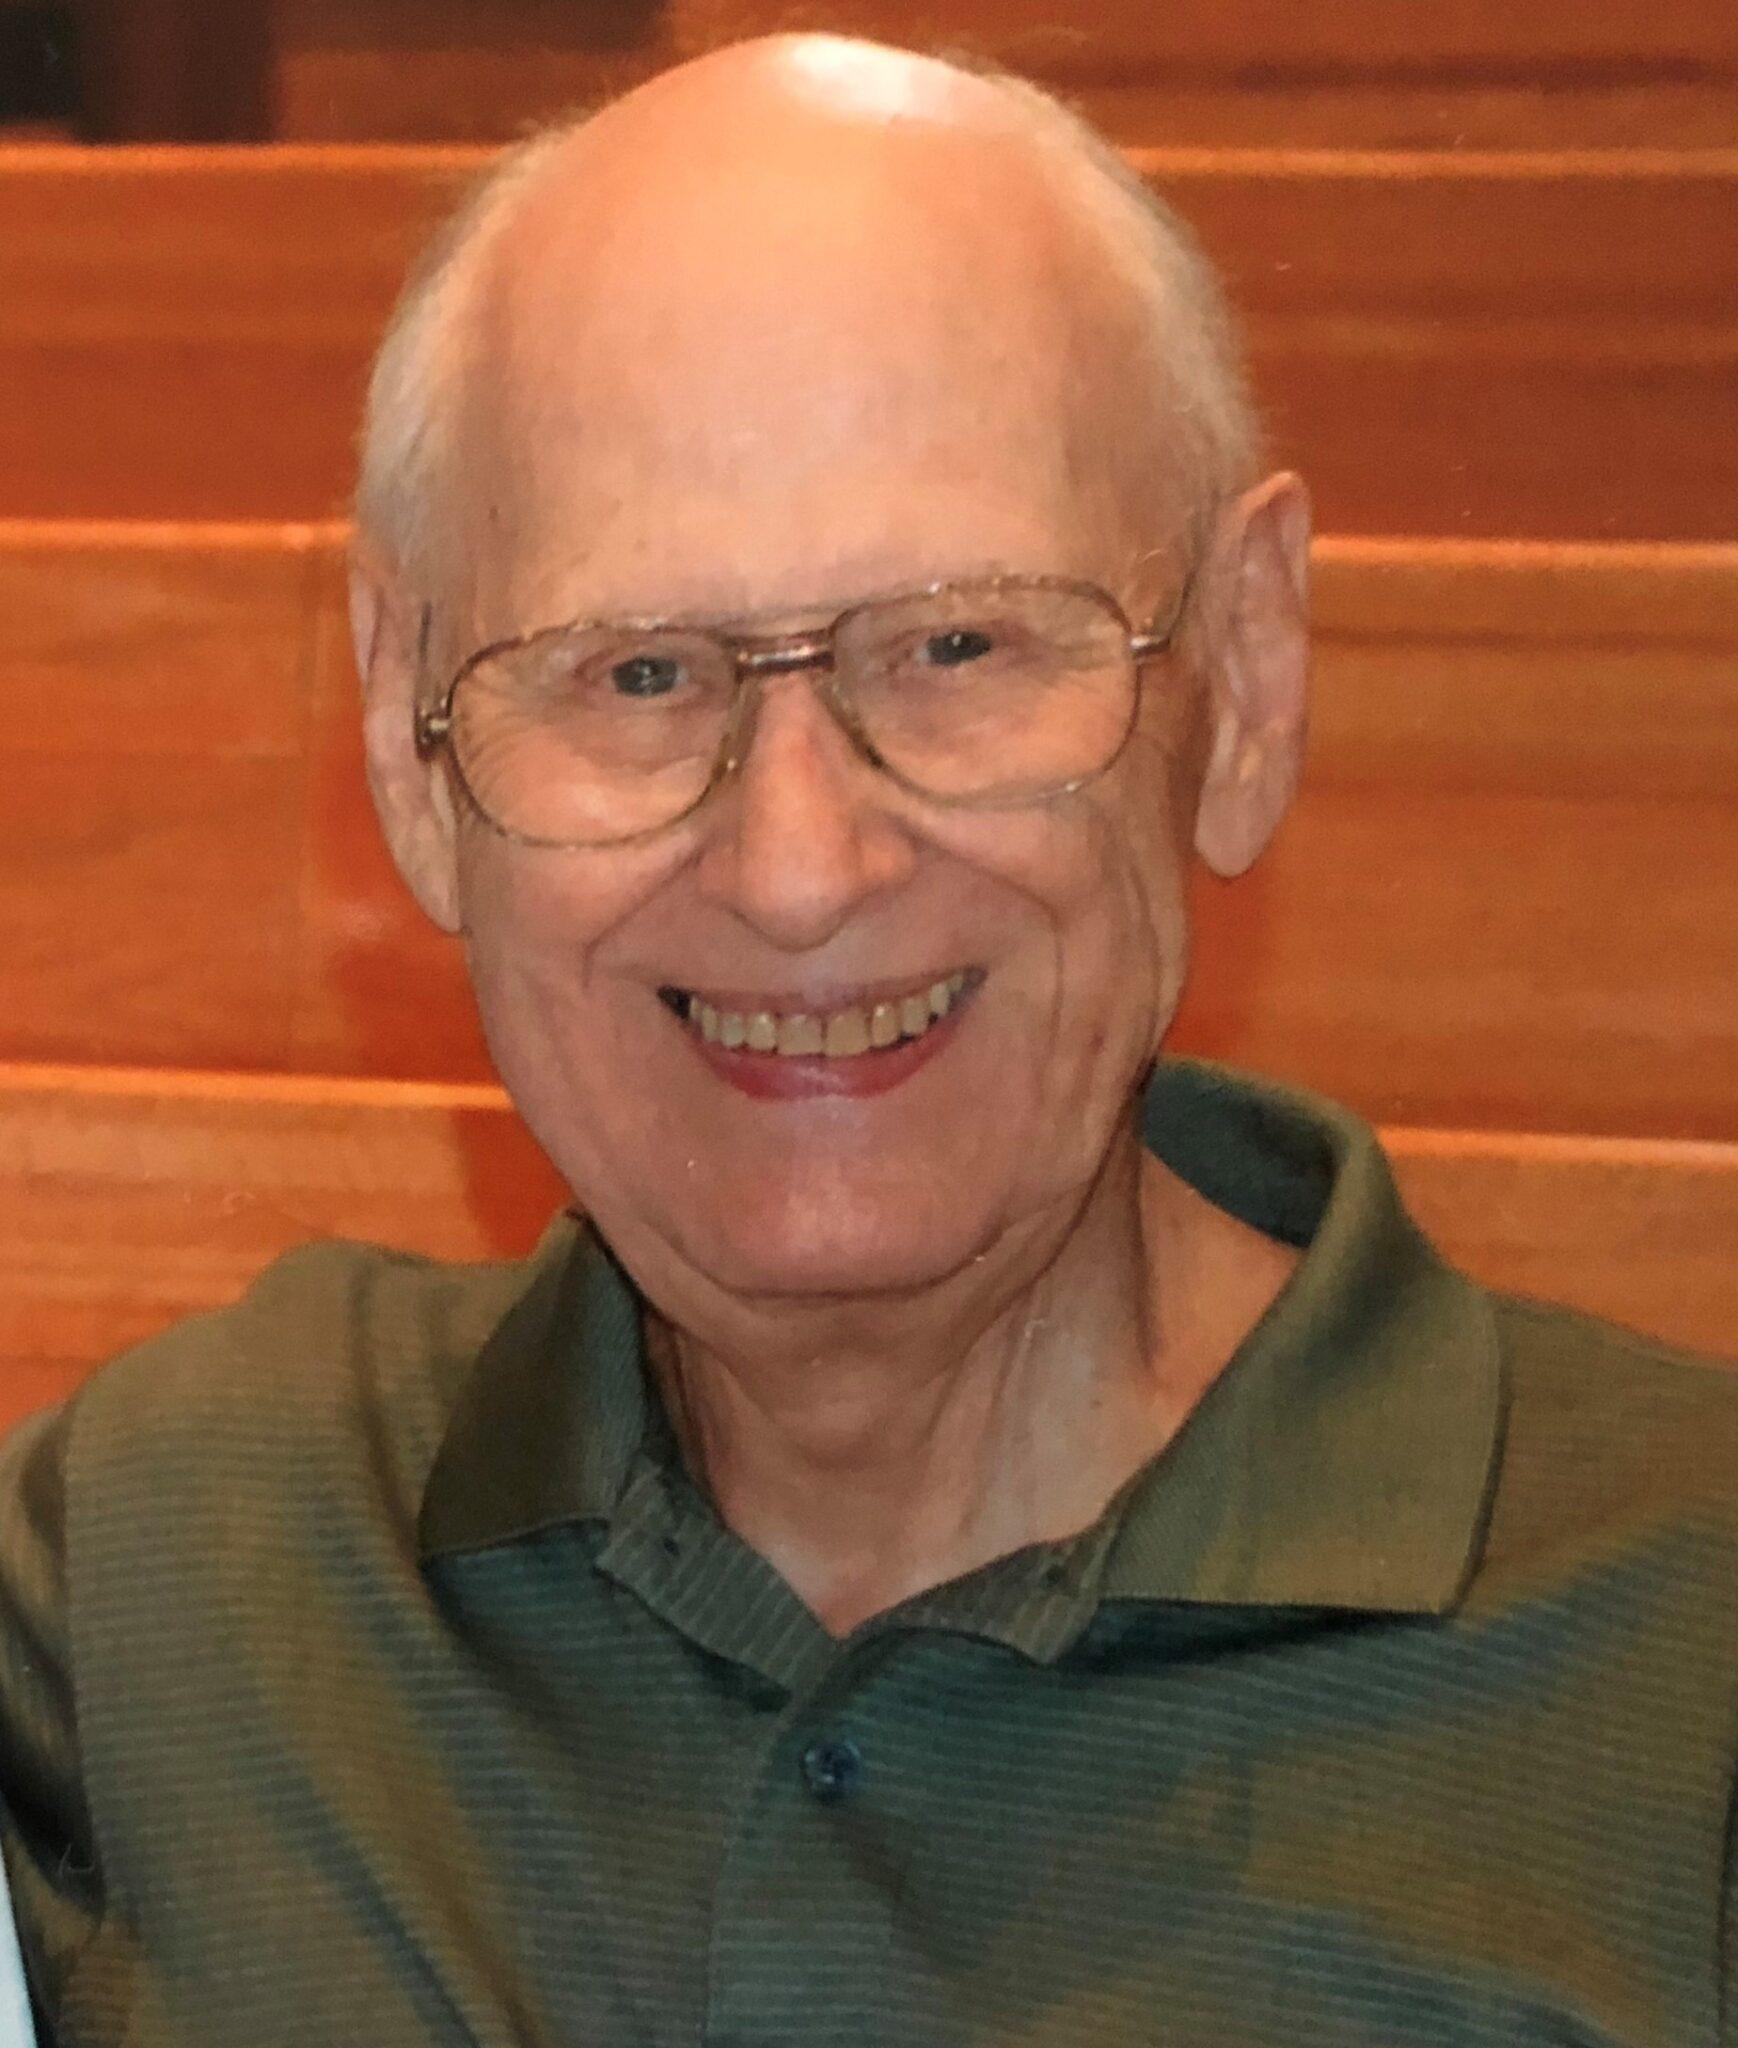 Kenneth Freeman obit photo scaled - Kenneth Earl Freeman